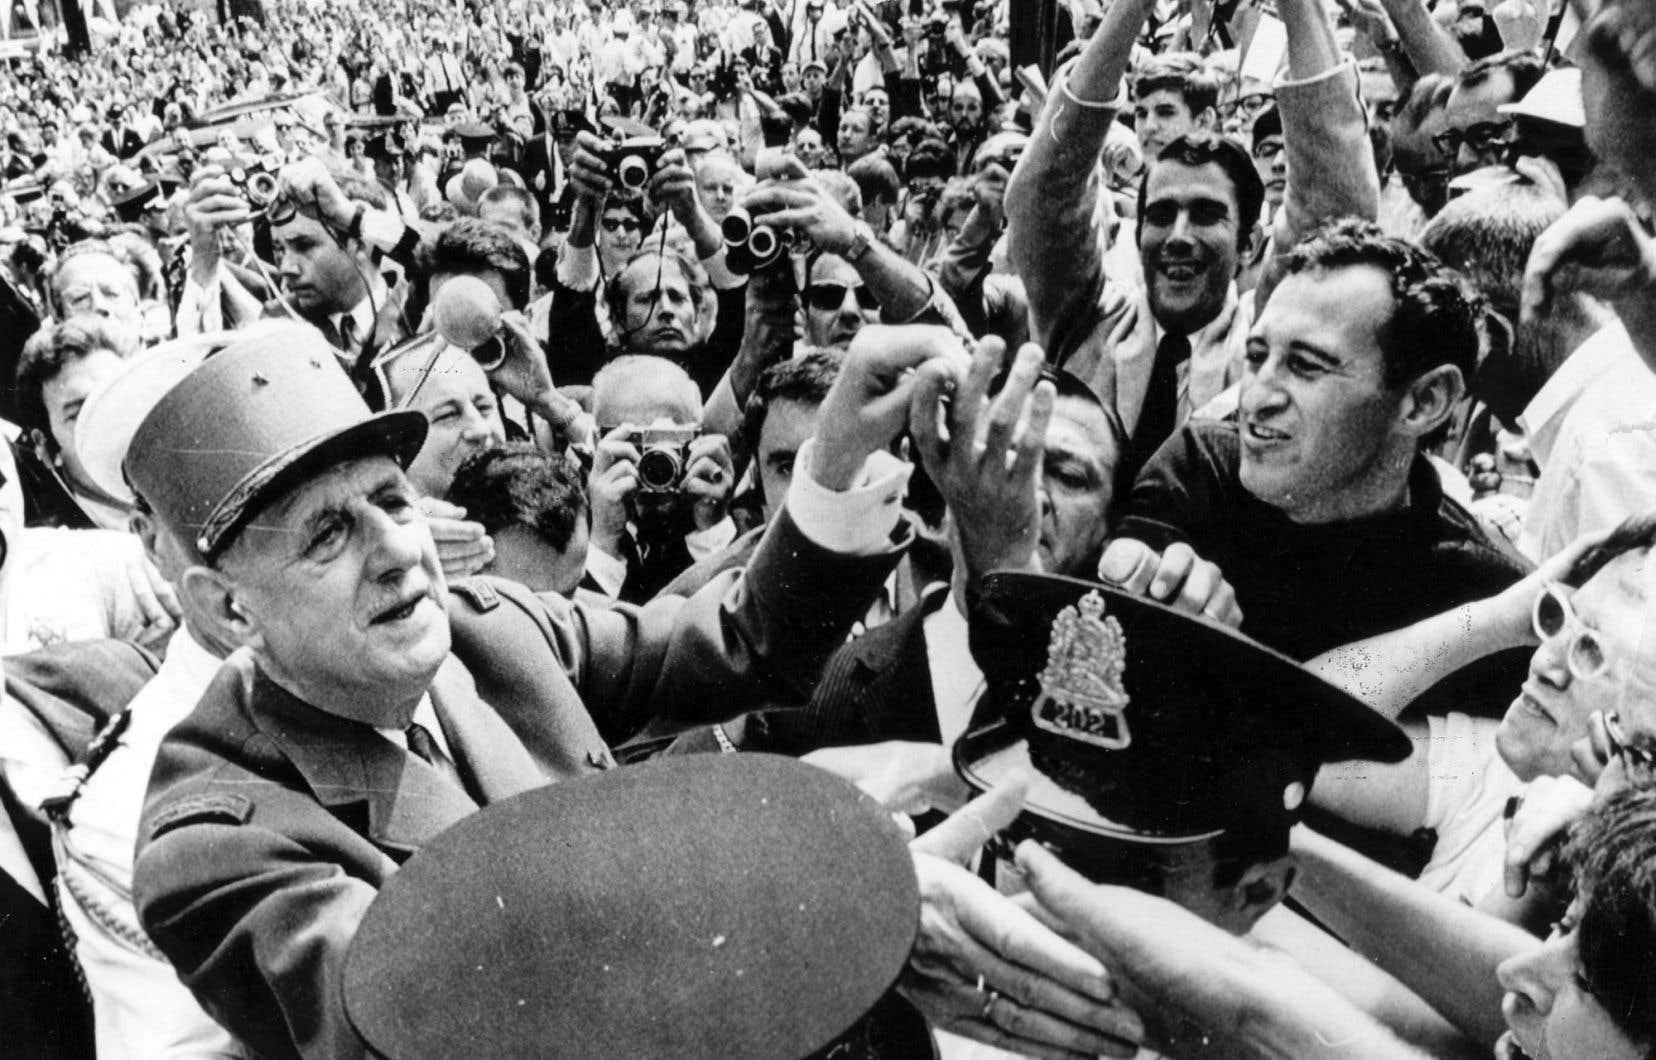 La qualité de l'enthousiasme, la surprenante participation populaire ont saisi d'étonnement la presse étrangère qui avait dépêché quelque 300 journalistes pour couvrir l'accueil réservé par les Québécois au général de Gaulle.